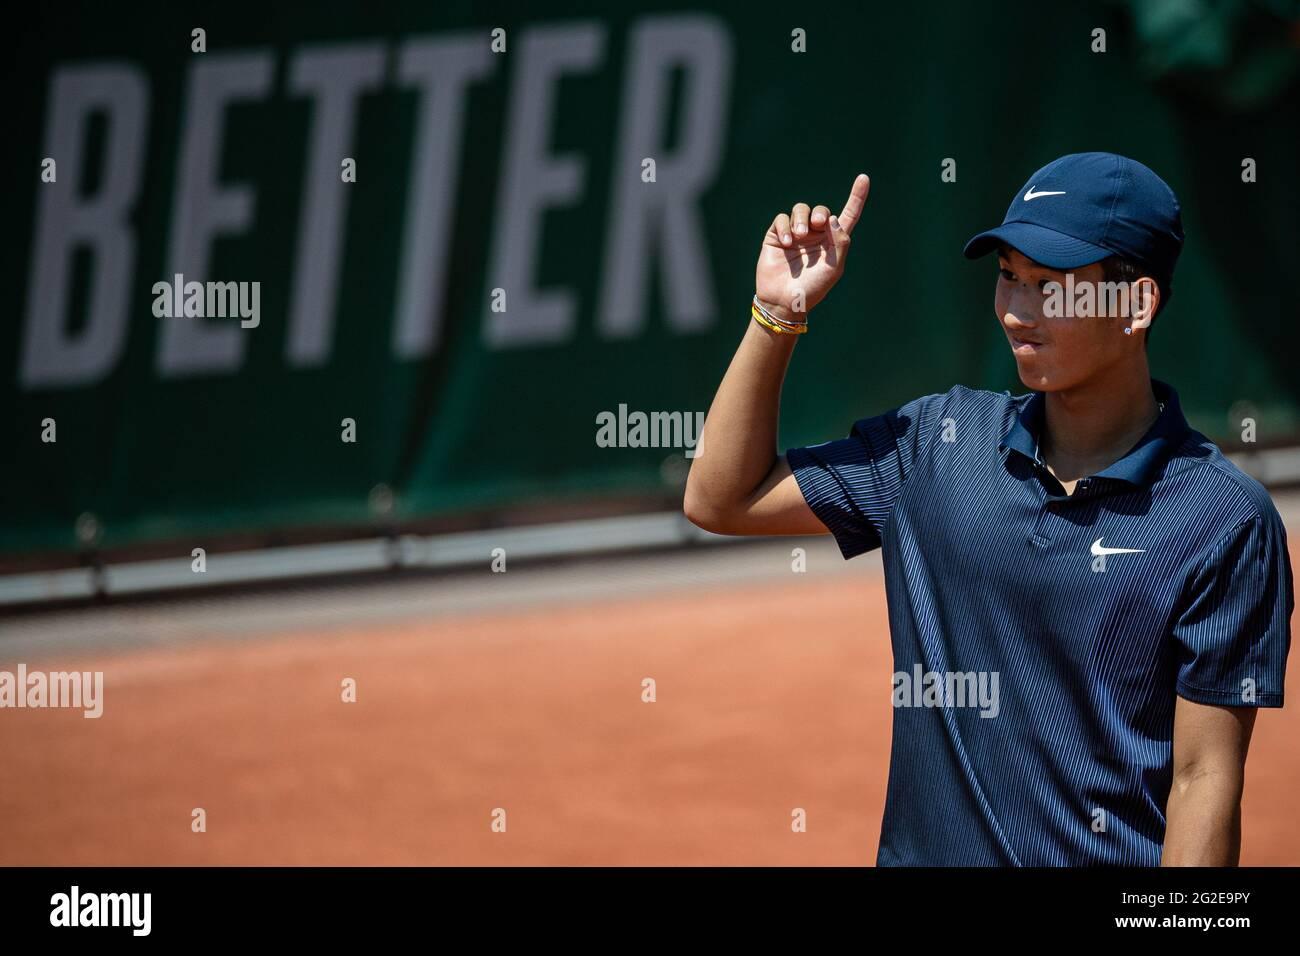 Paris, Frankreich. Juni 2021. Shang Juncheng aus China reagiert während des Viertelfinalmatches der Jungen zwischen Shang Juncheng aus China und Sean Cuenin aus Frankreich beim French Open Tennisturnier bei Roland Garros in Paris, Frankreich, am 10. Juni 2021. Quelle: Aurelien Morissard/Xinhua/Alamy Live News Stockfoto